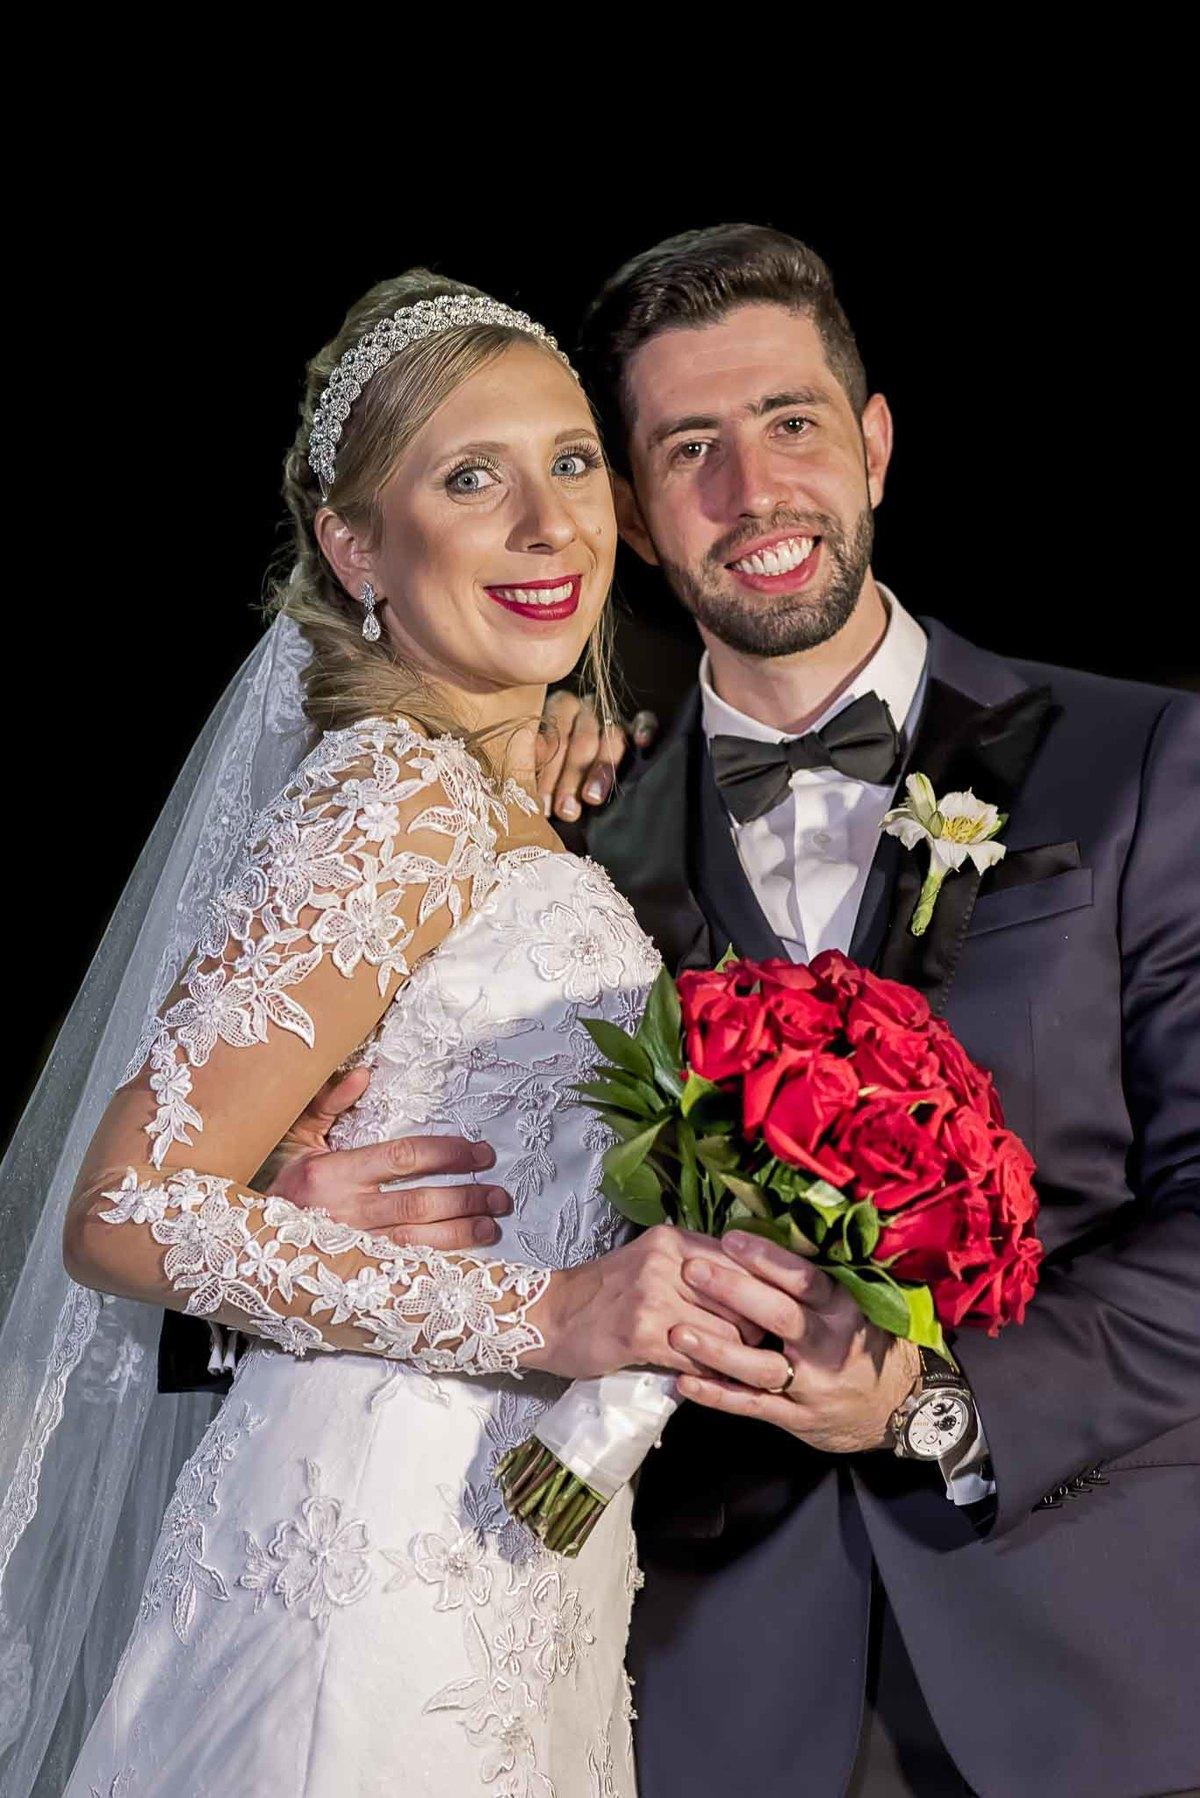 fotografia de casamento na Igreja Bom Pastor Alphaville, fotografia de casamento em alphaville. noivos com o buquê